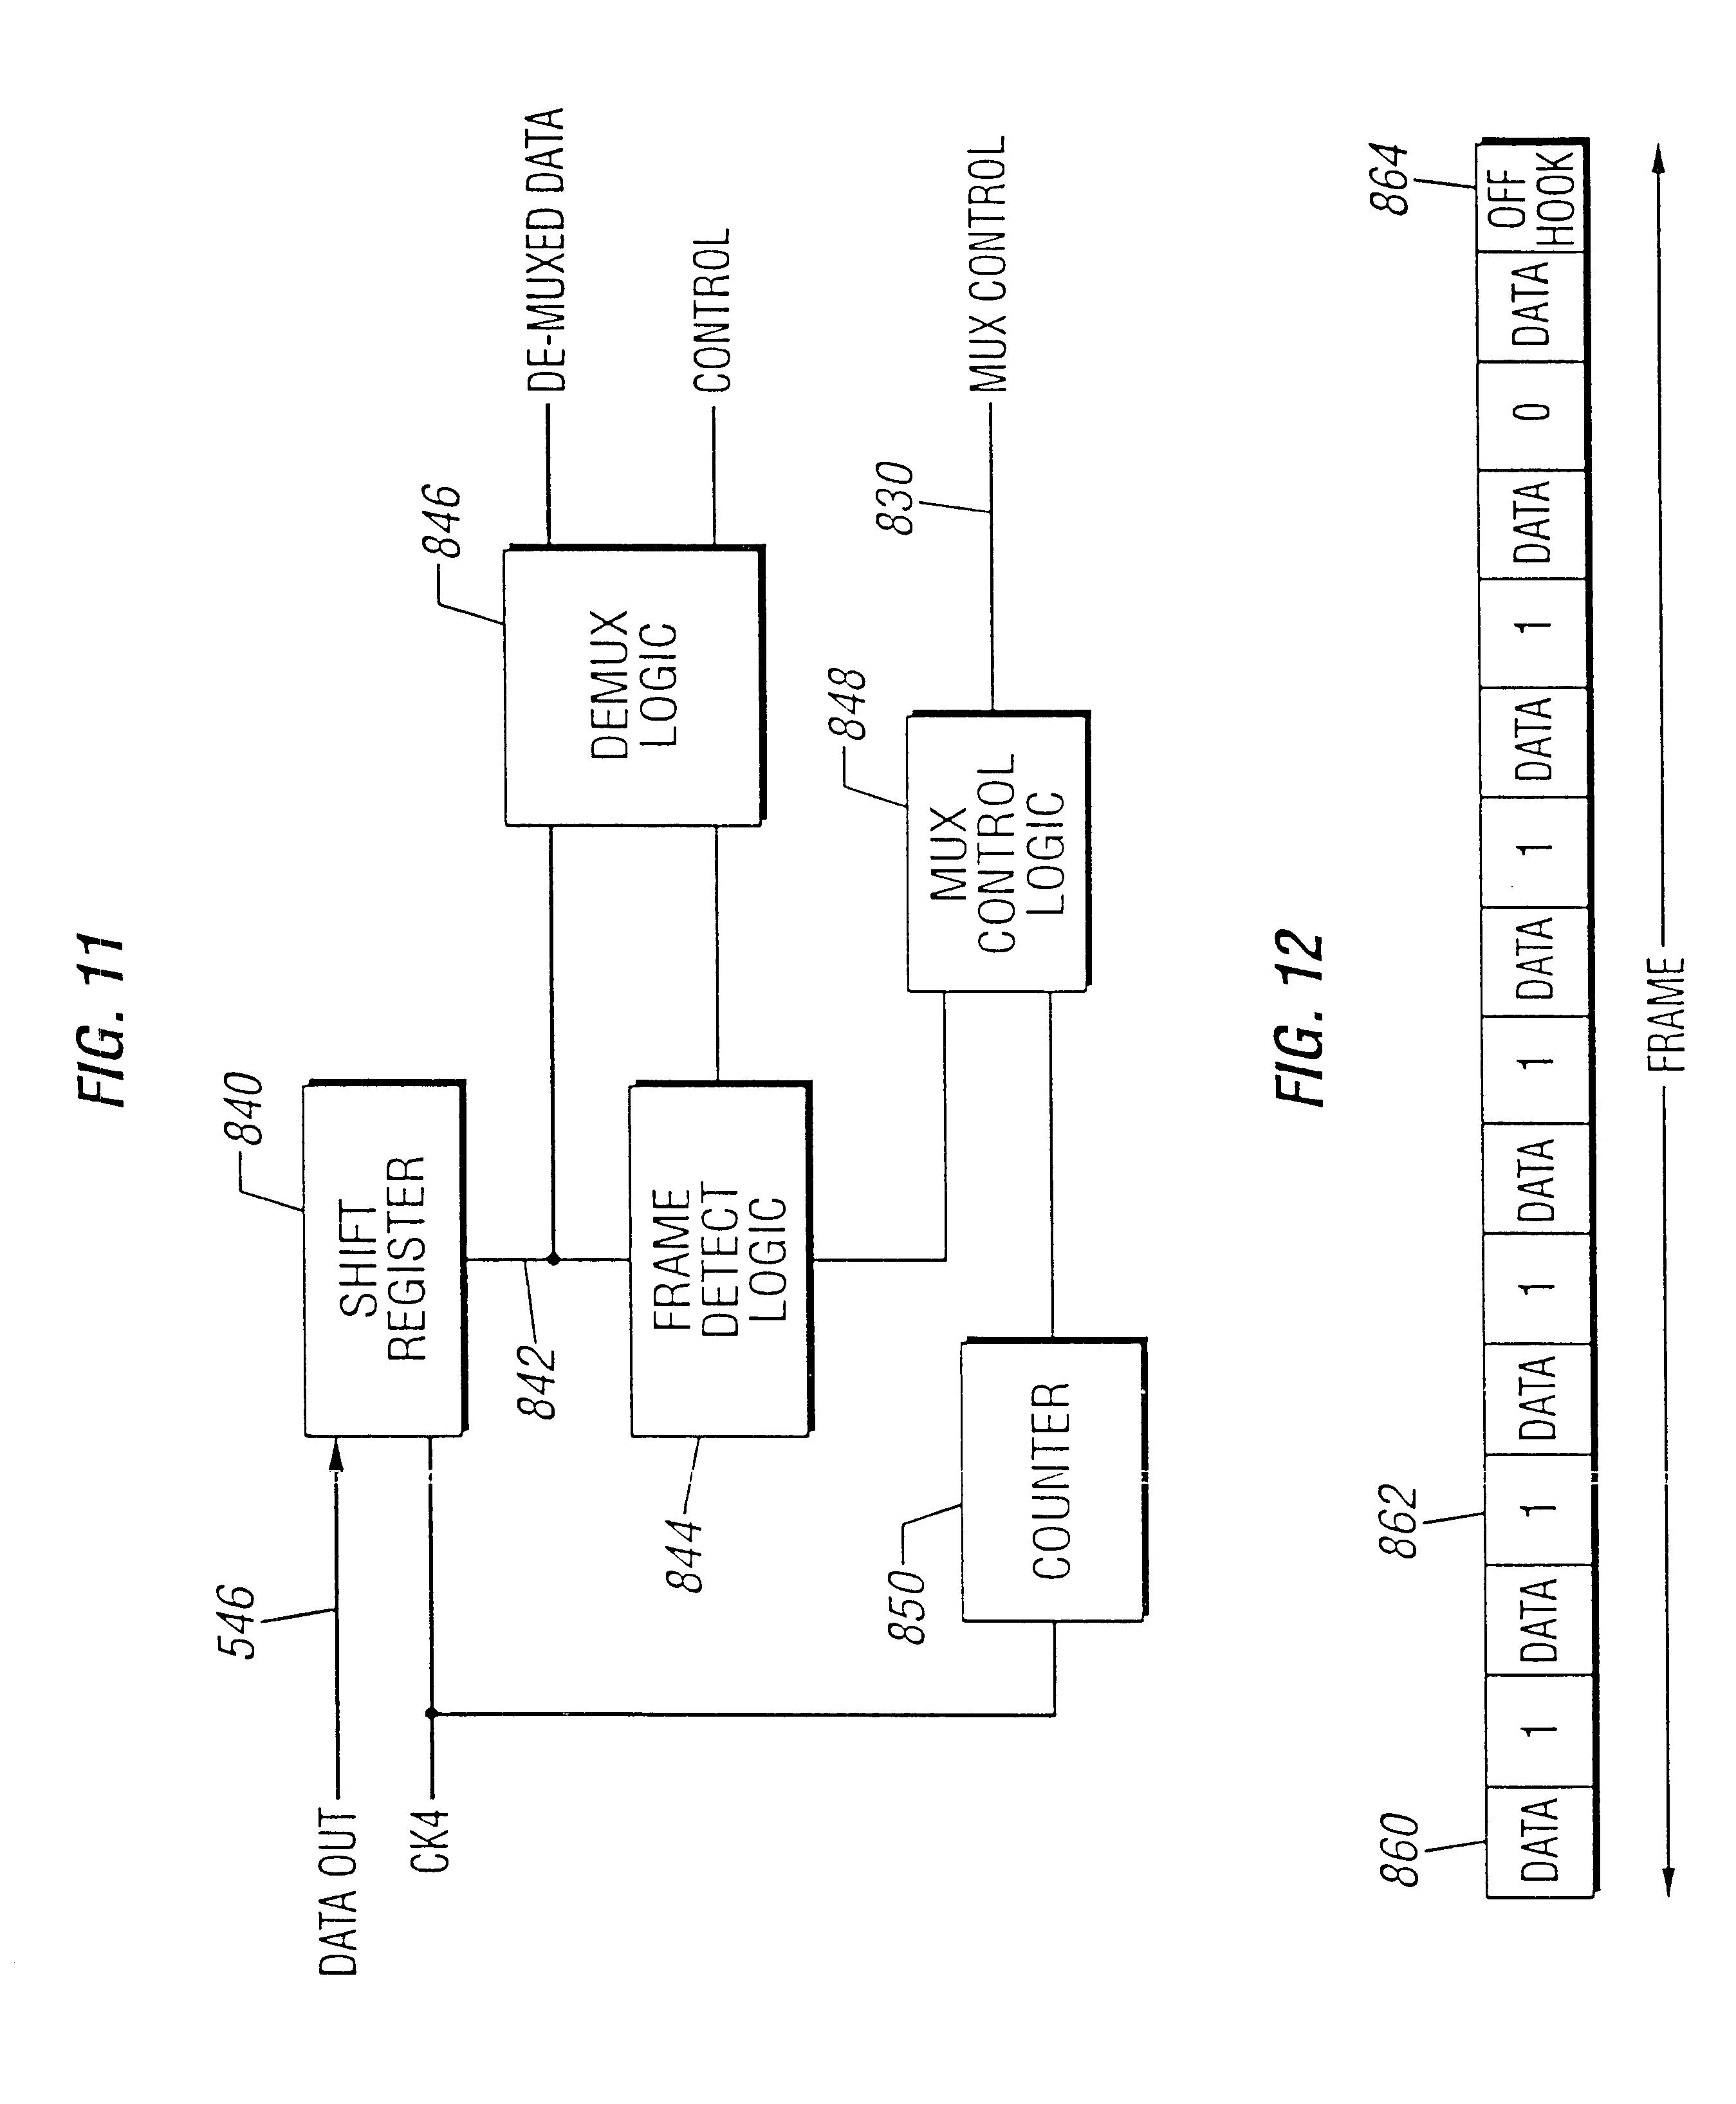 patent us6442213